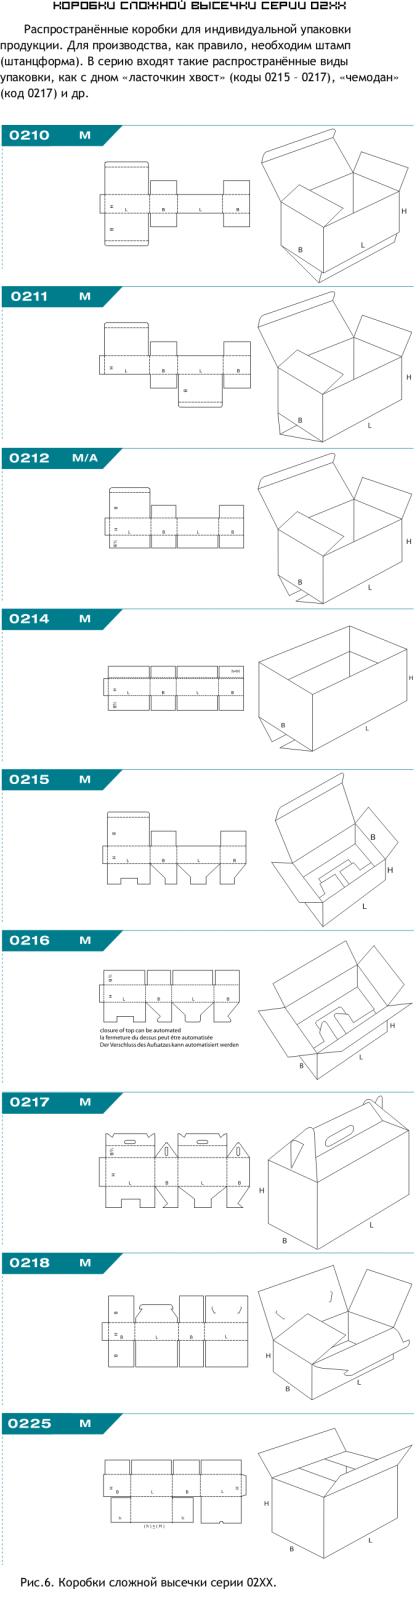 коробки сложной высечки